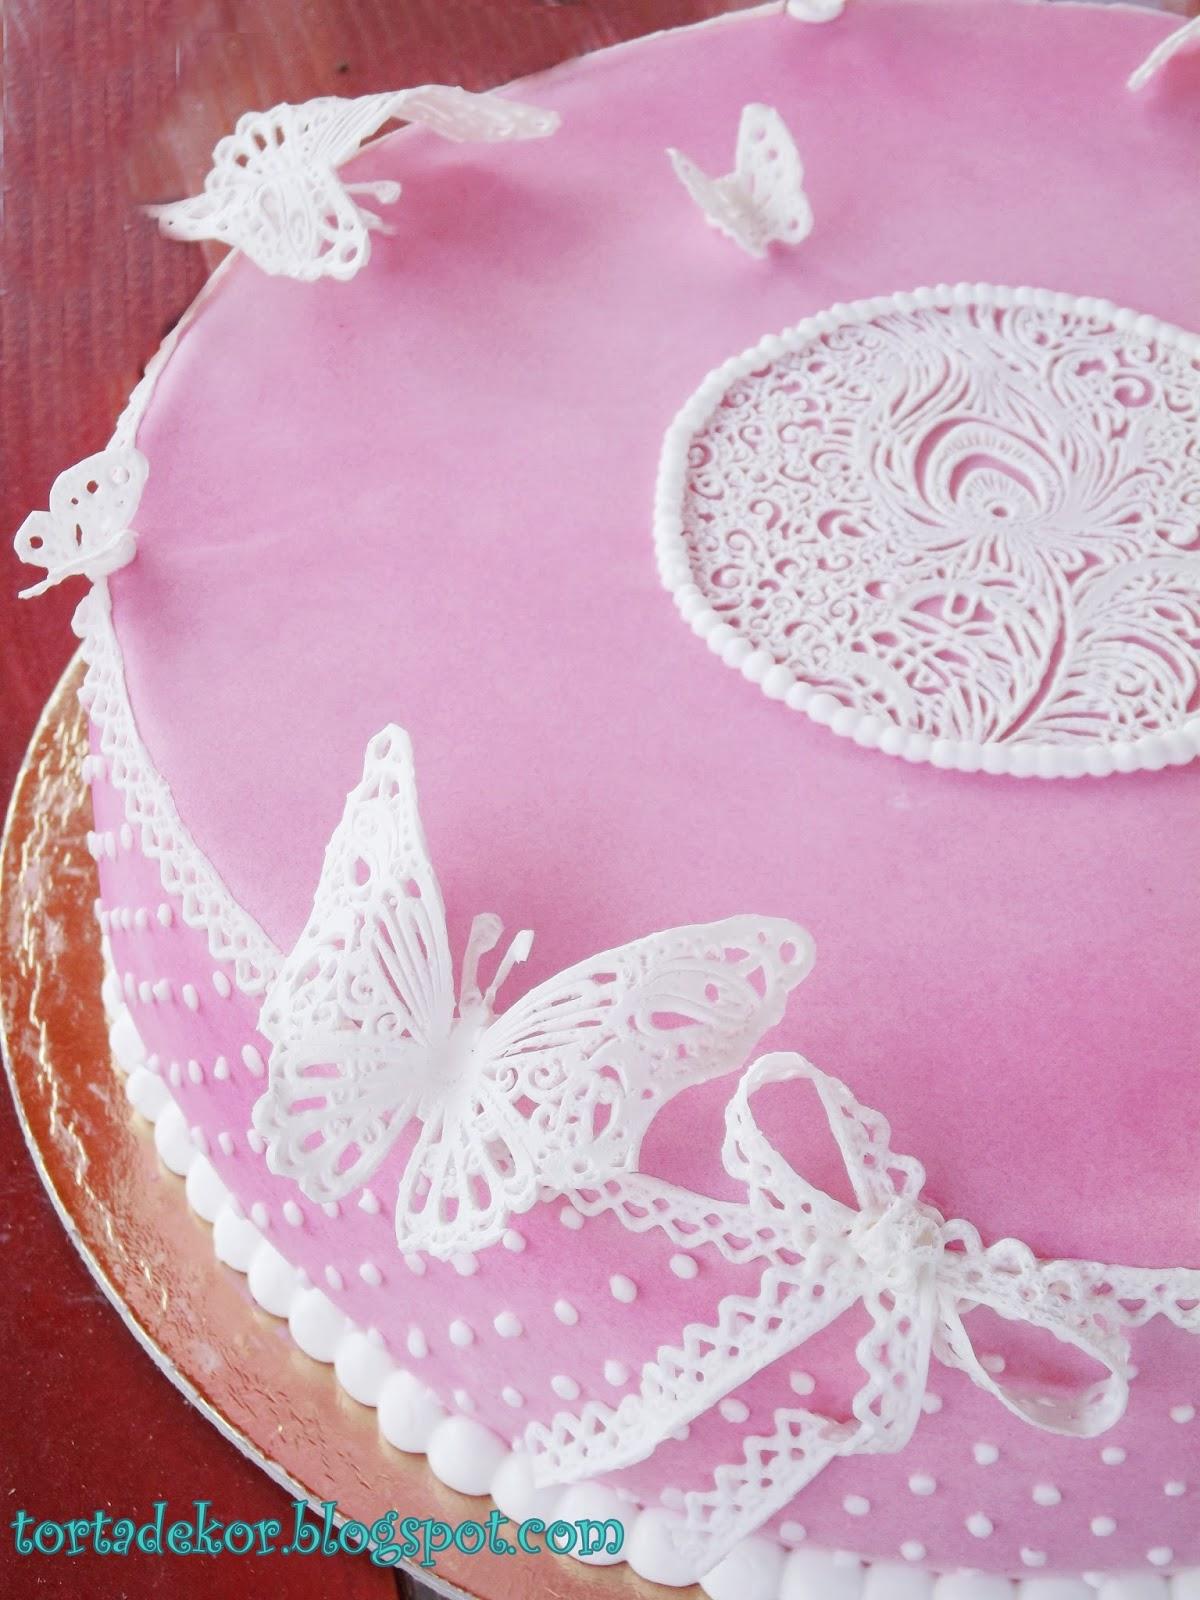 rózsaszín szülinapi torta Torták és más finomságok: Vintage stílusú szülinapi tortám rózsaszín szülinapi torta